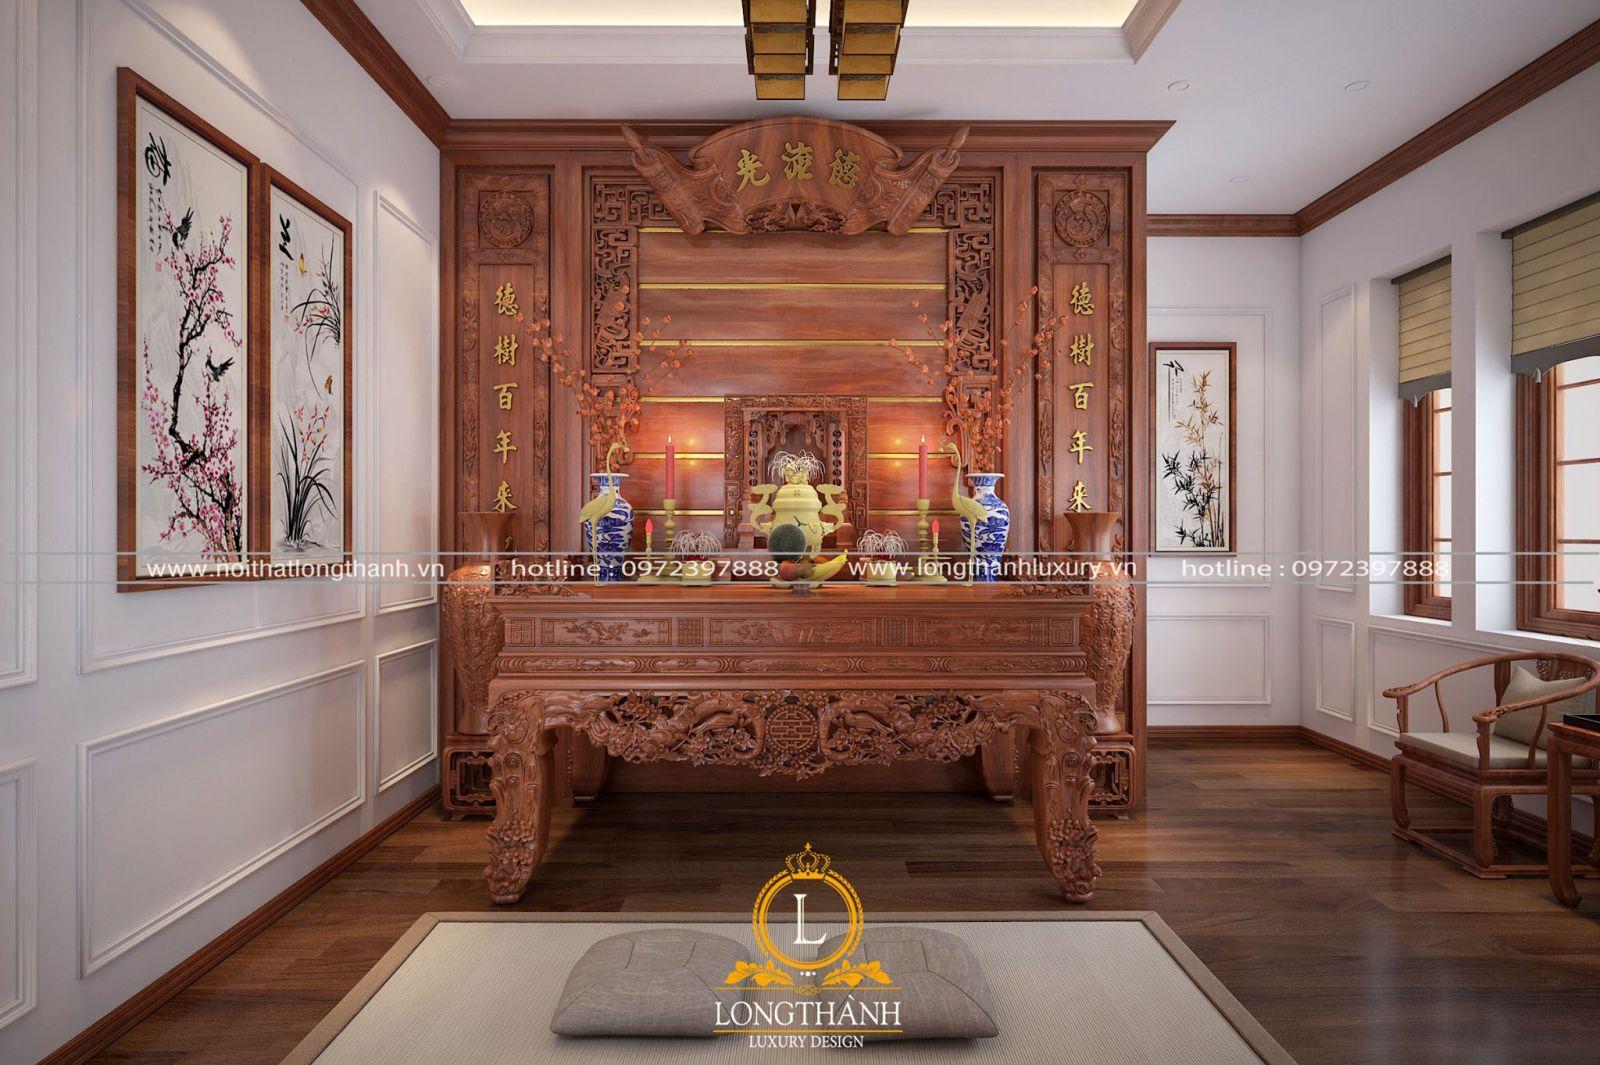 Phòng thờ gỗ gõ đỏ cao cấp mang phong cách tân cổ điển